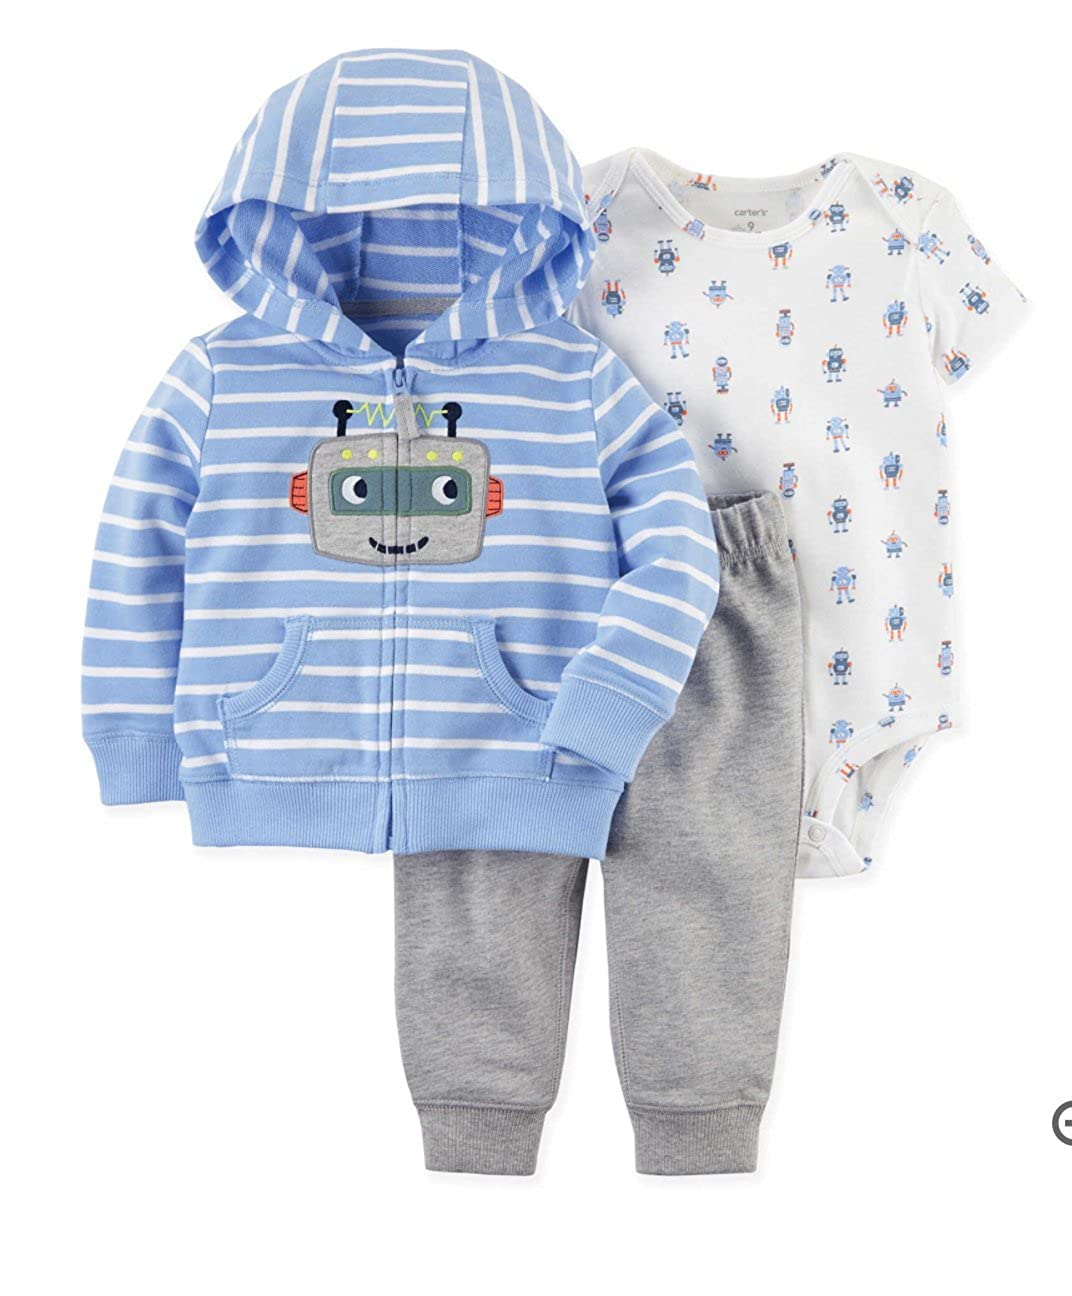 買い誠実 Carter's PANTS ベビーボーイズ Carter's 6 Months ブルー ブルー PANTS B077X7K3ZP, ブランドデポ:dfe53e54 --- a0267596.xsph.ru